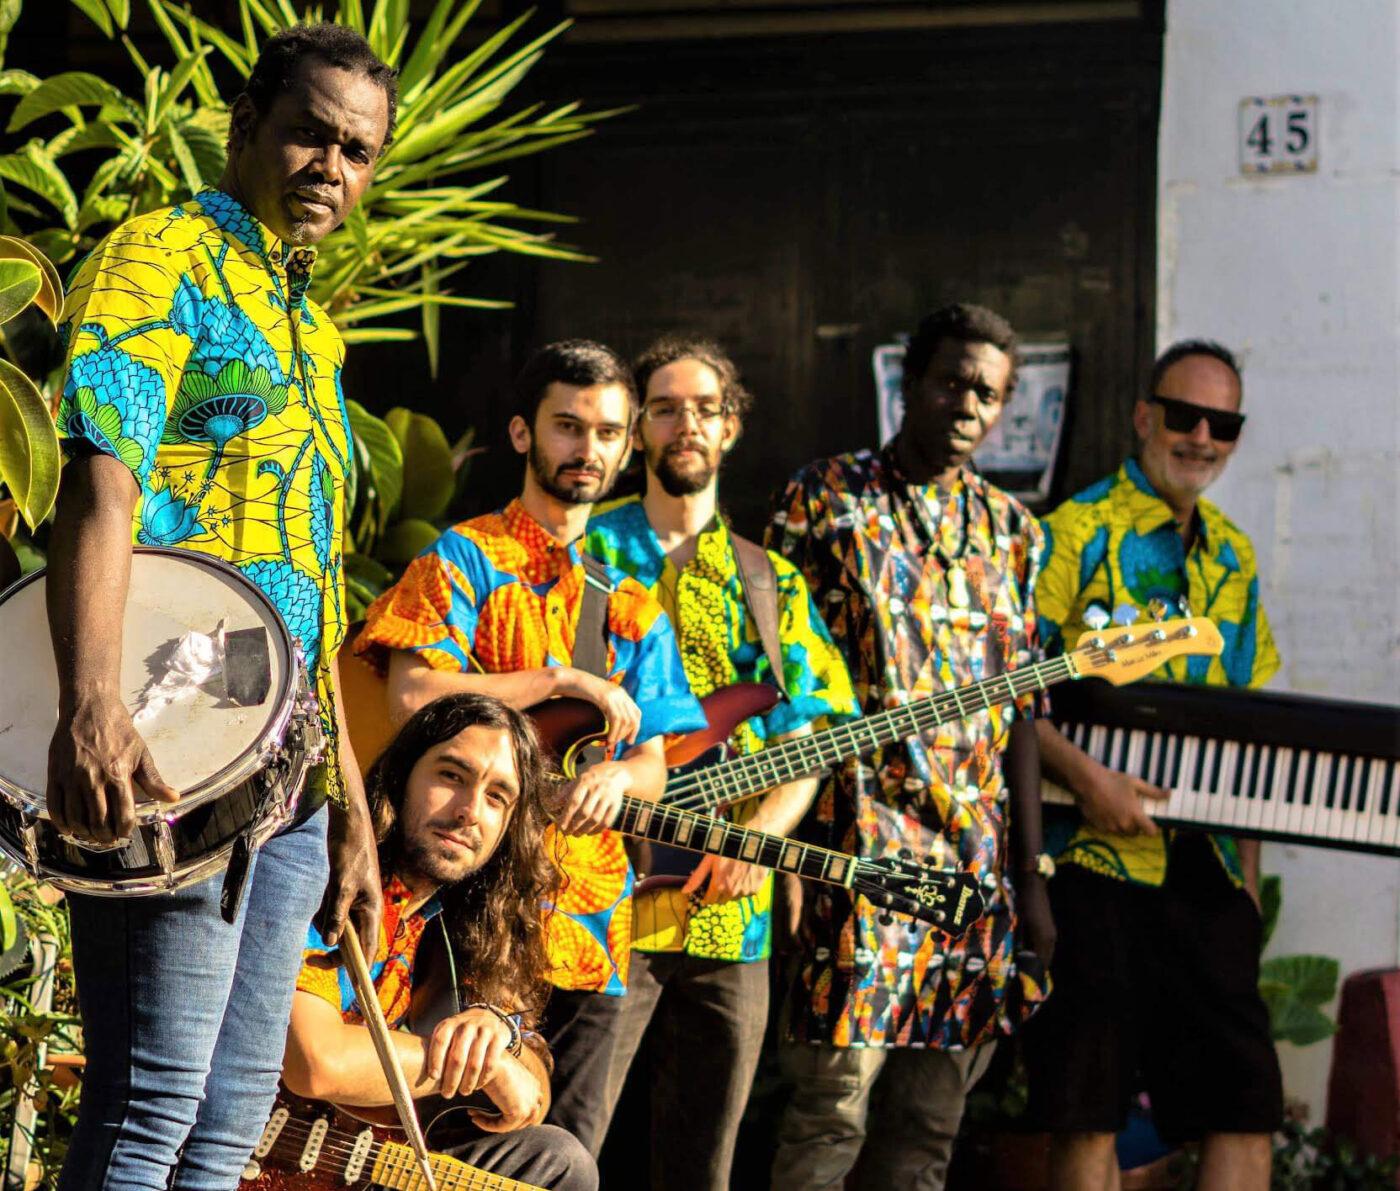 Mama África Revolución vuelve a actuar en Punta Umbria en Chiringuito El Loro